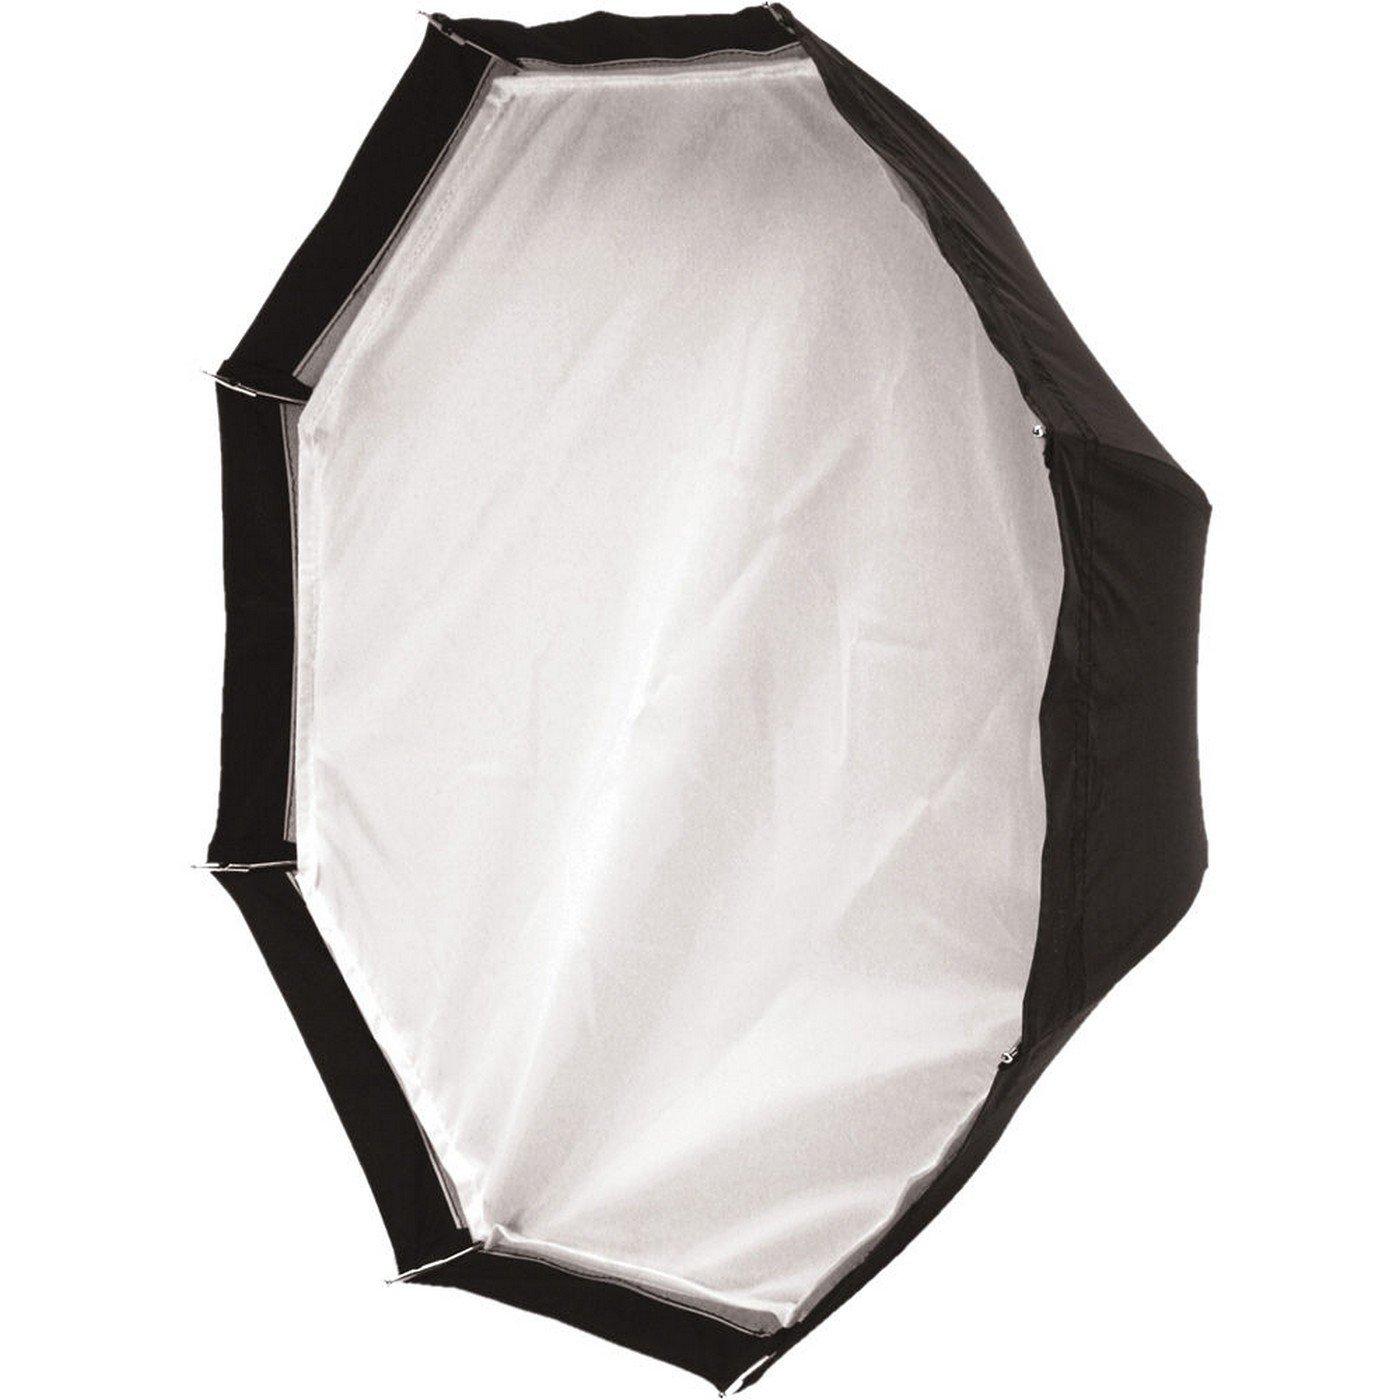 ハイブ照明Wasp八角形ソフトボックス| Roundedハイライトソフトボックスfor Wasp   B017HURIU0